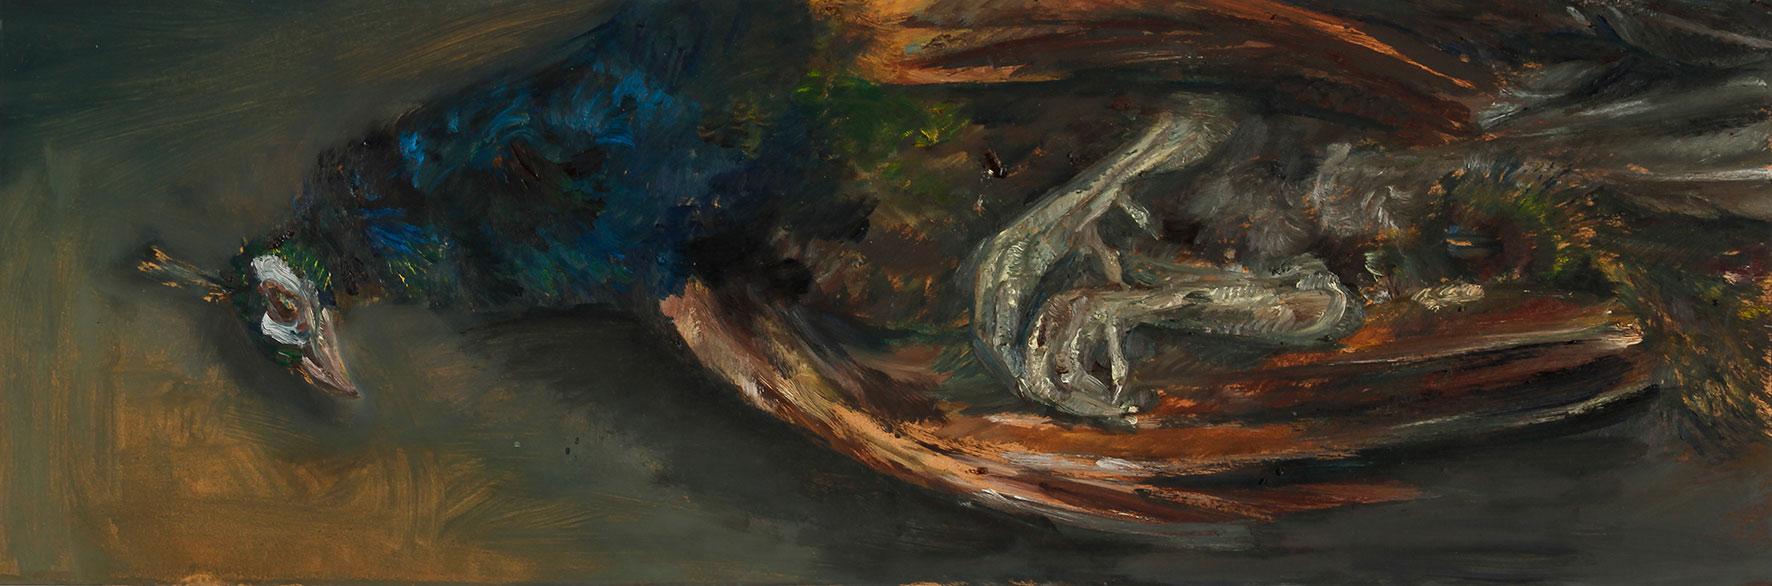 Pfau für Holbein, 2020, Öl auf MDF, 30 x 90 cm